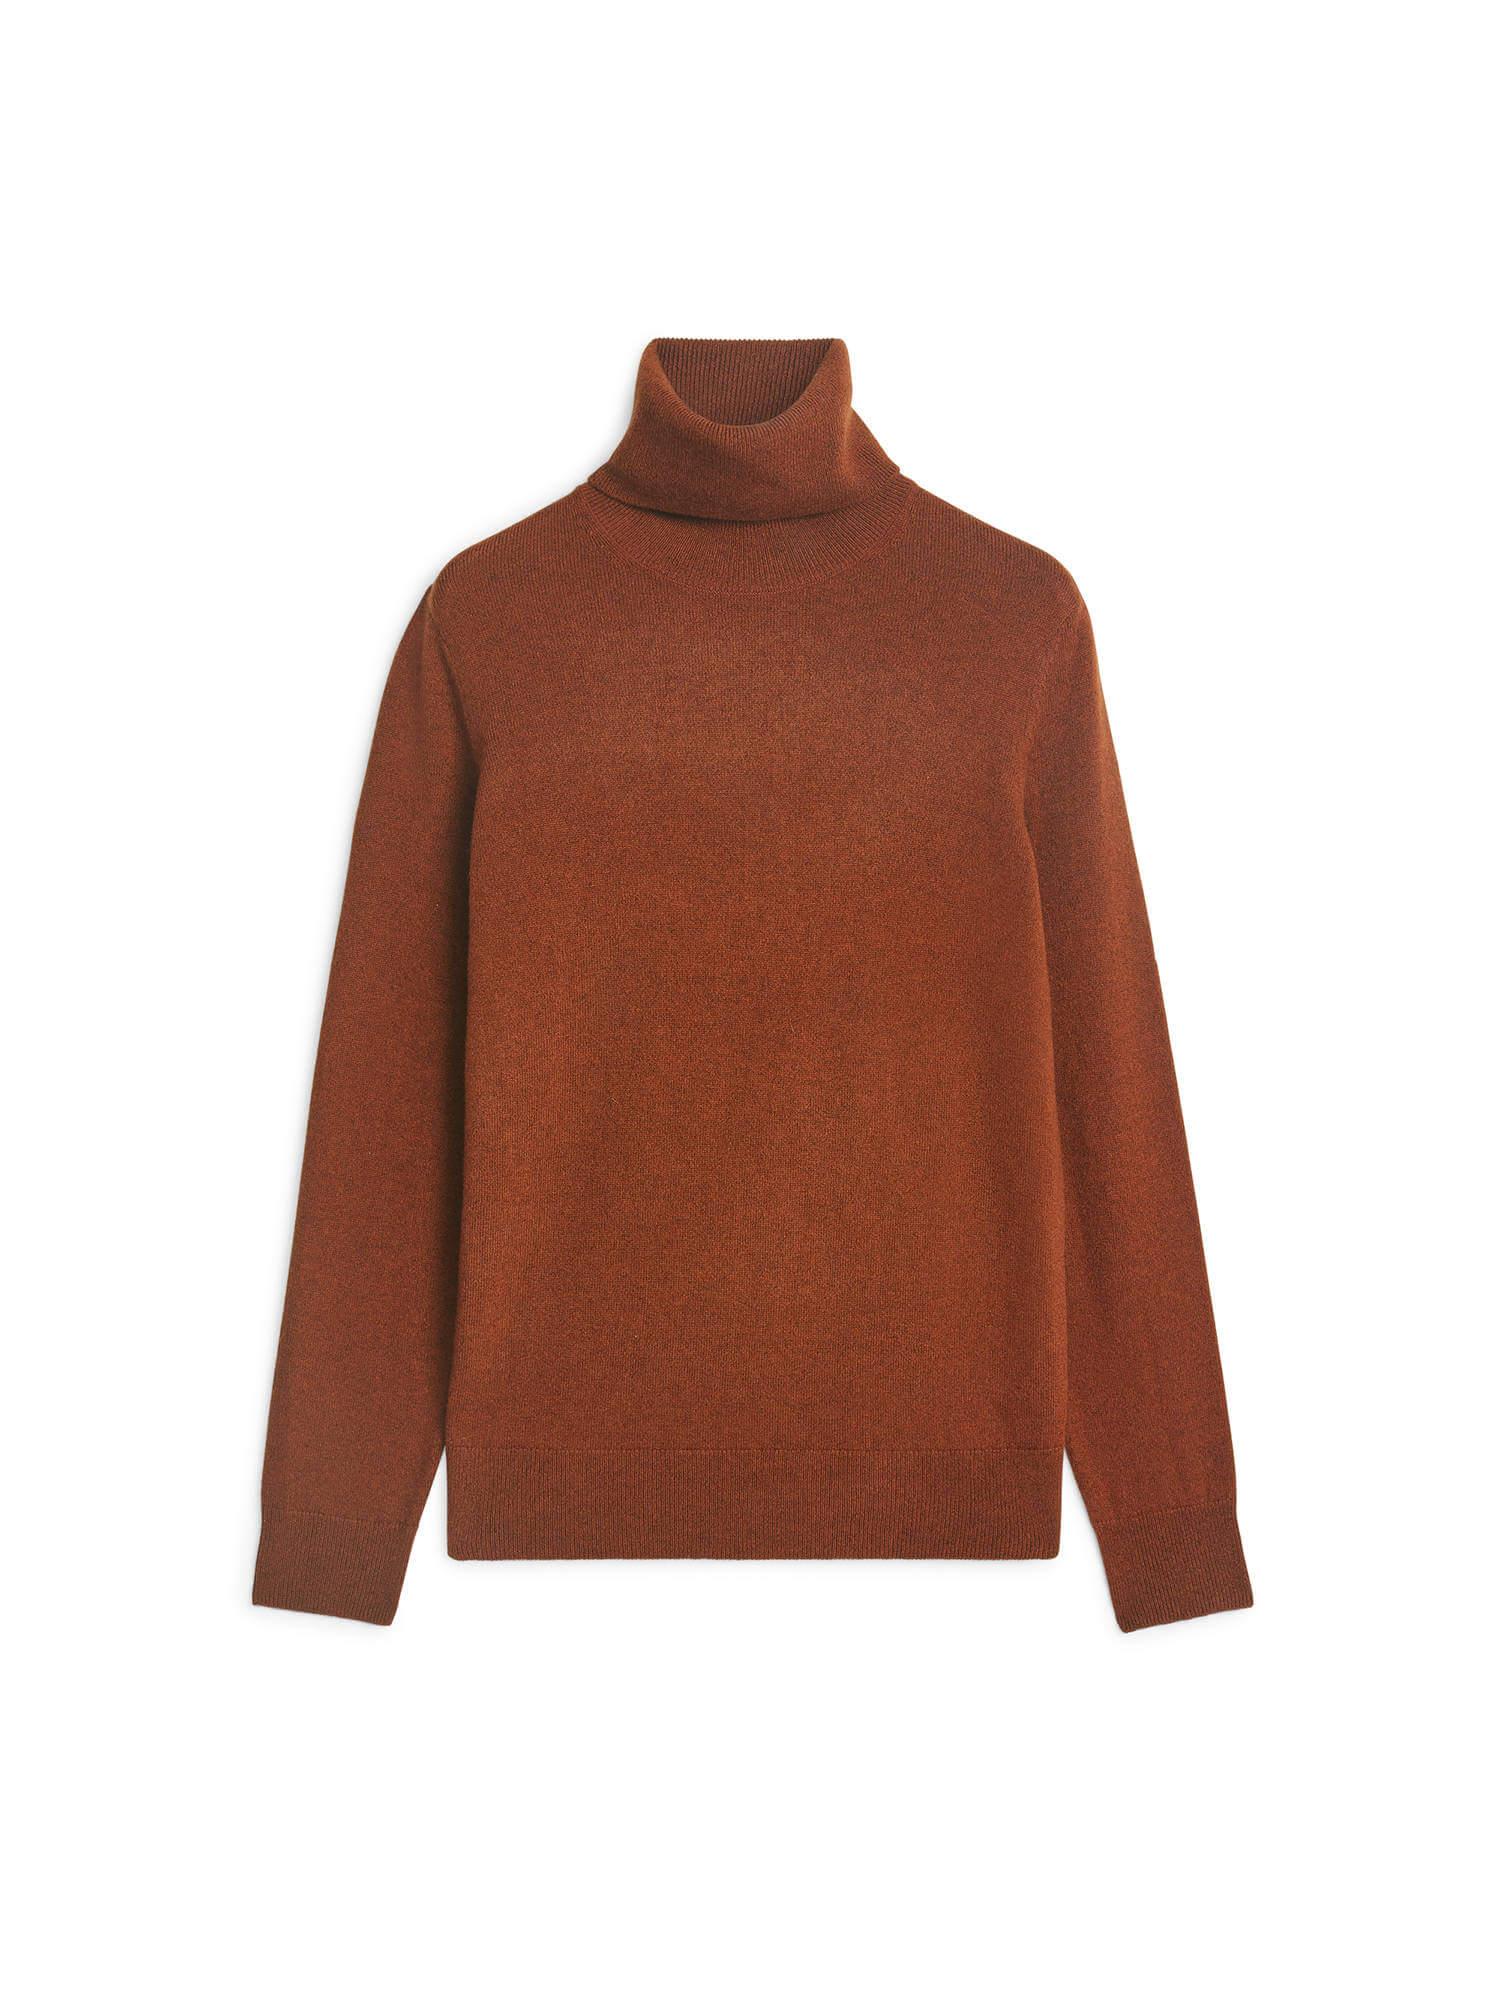 Brun/ornange kashmir tröja från Arket, hög polokrage.